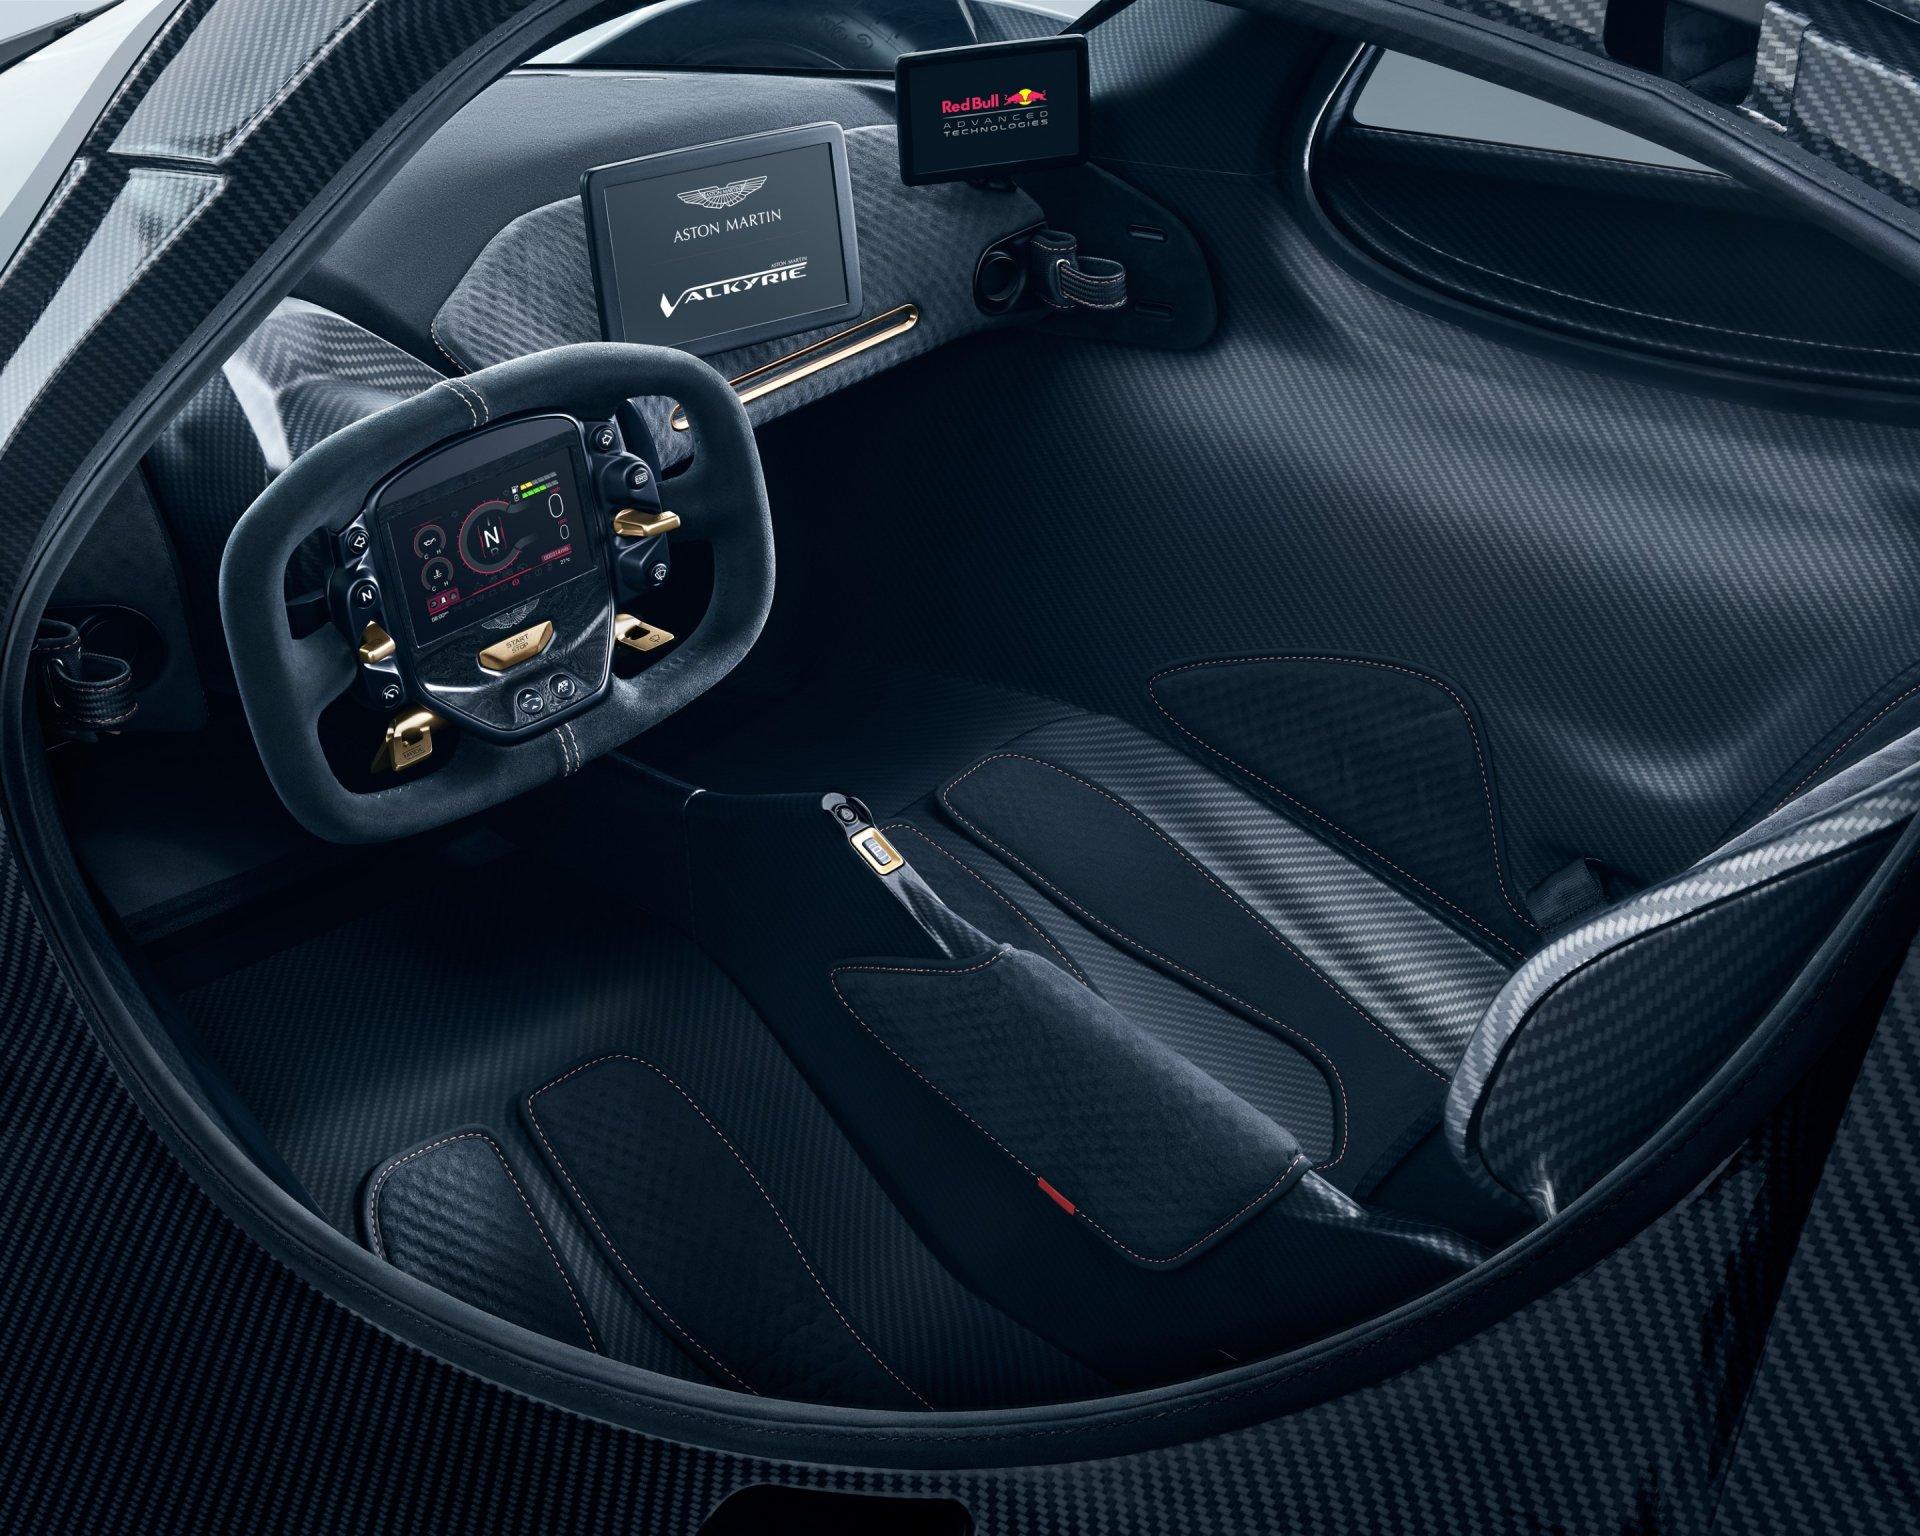 Aston Martin Valkyrie Hypercar Info